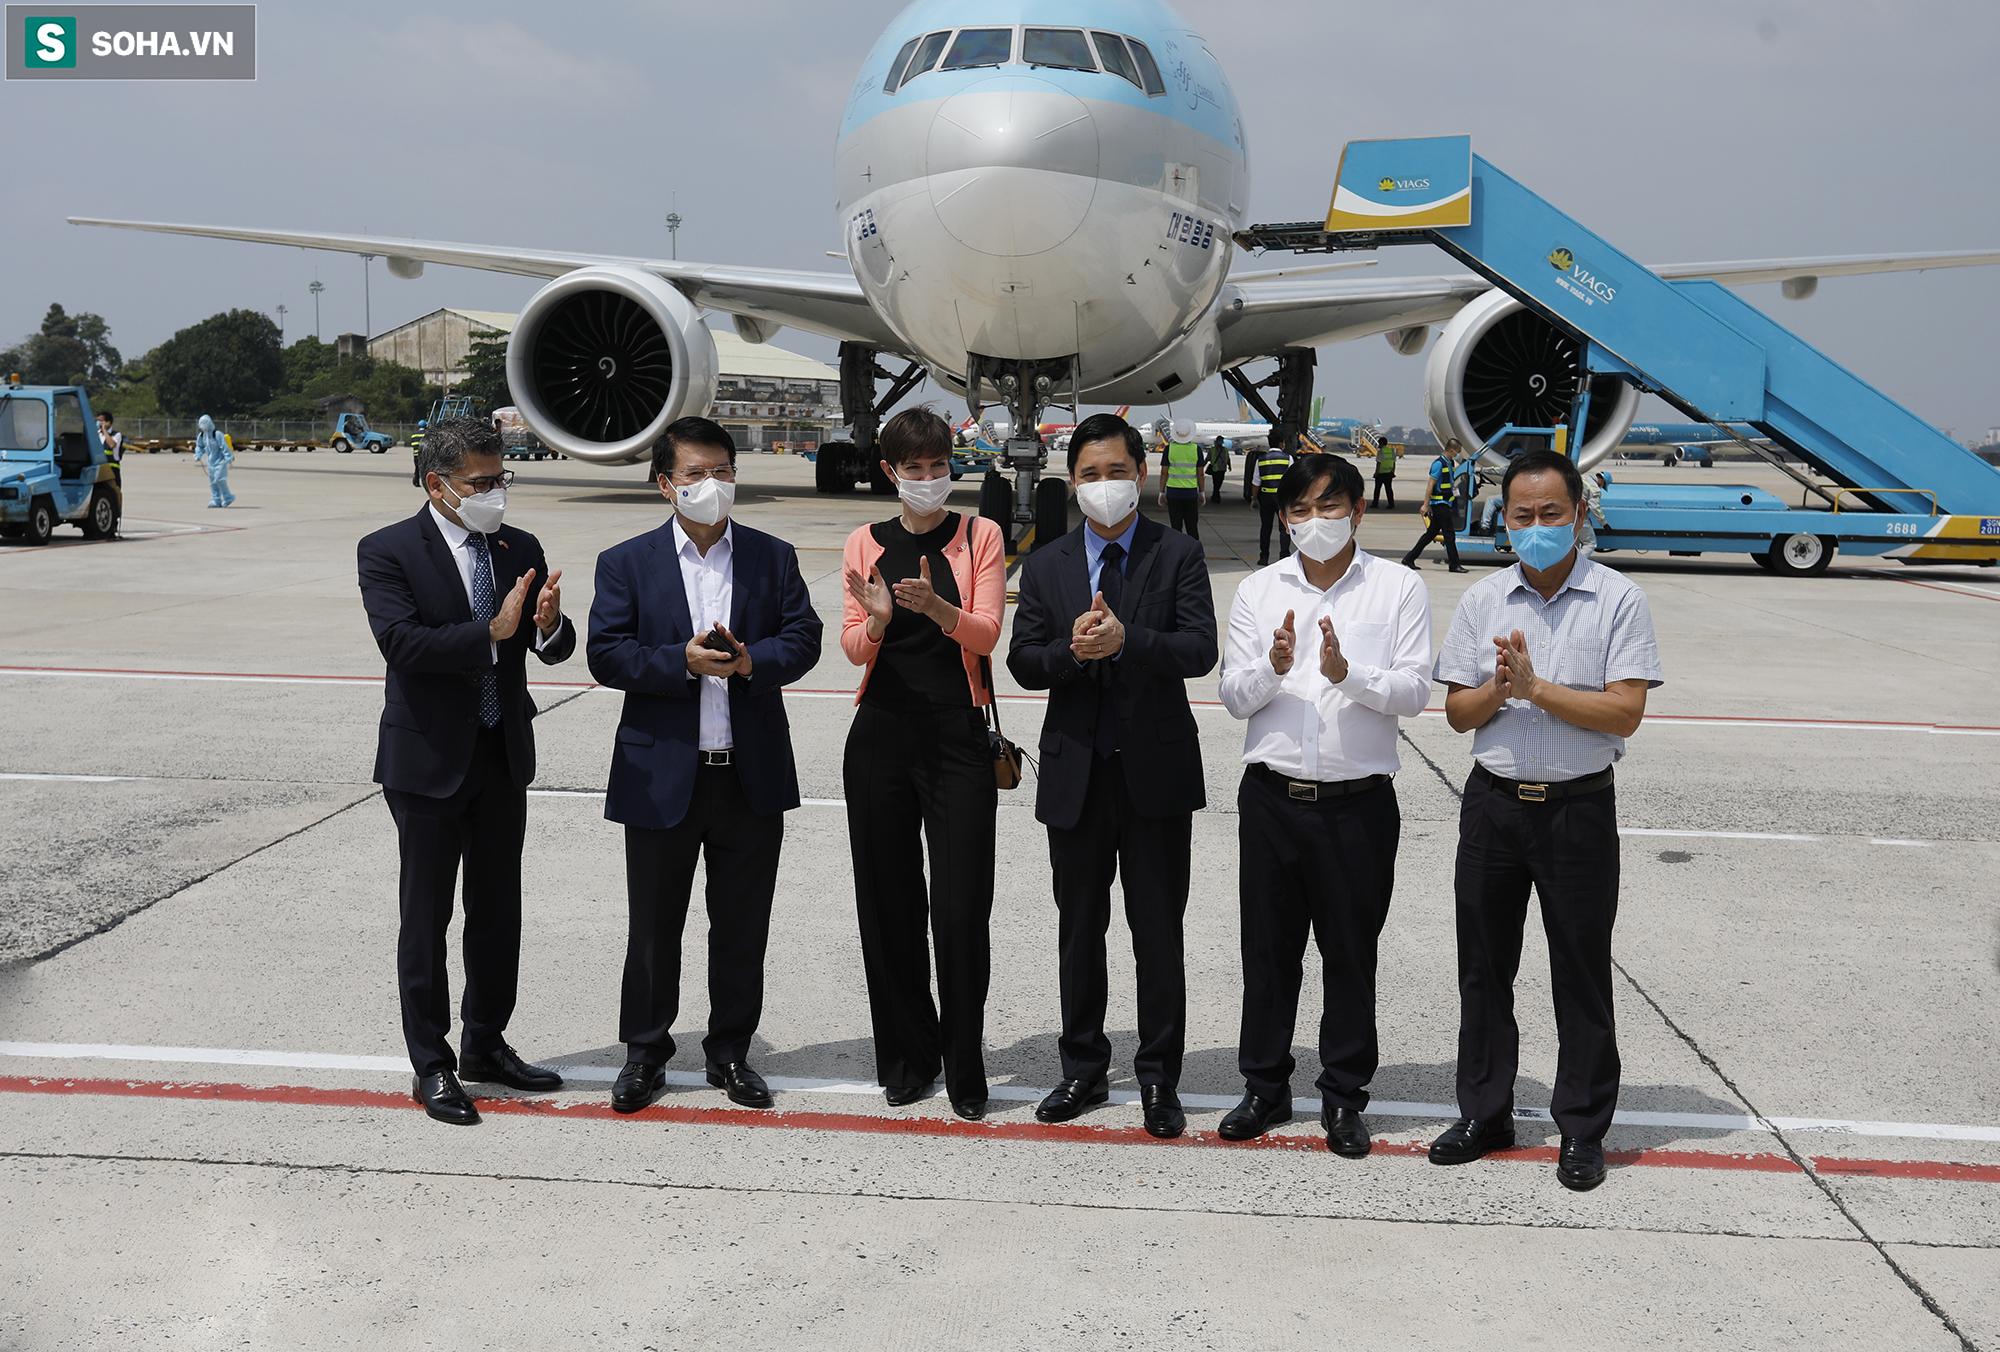 [ẢNH] Cận cảnh đưa 117.000 liều vắc xin Covid-19 đầu tiên được ra khỏi máy bay tại Tân Sơn Nhất - Ảnh 5.